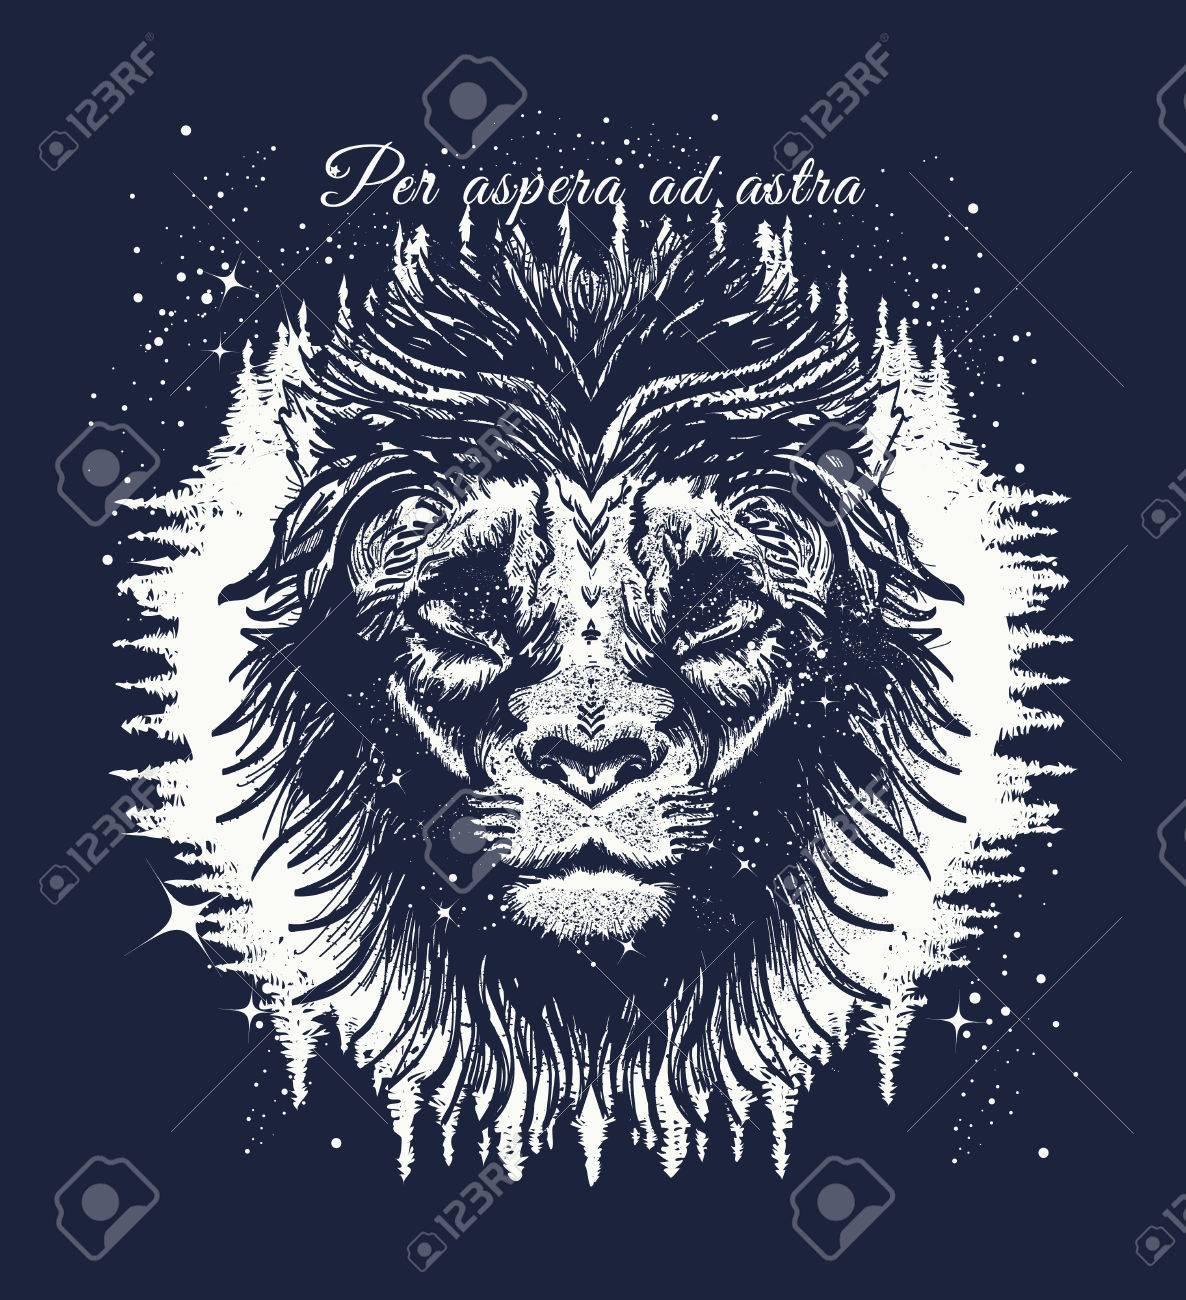 Leo In The Night Forest Tattoo Art. Slogan - Per Aspera Ad Astra ... - Per Aspera Ad Astra Tattoo